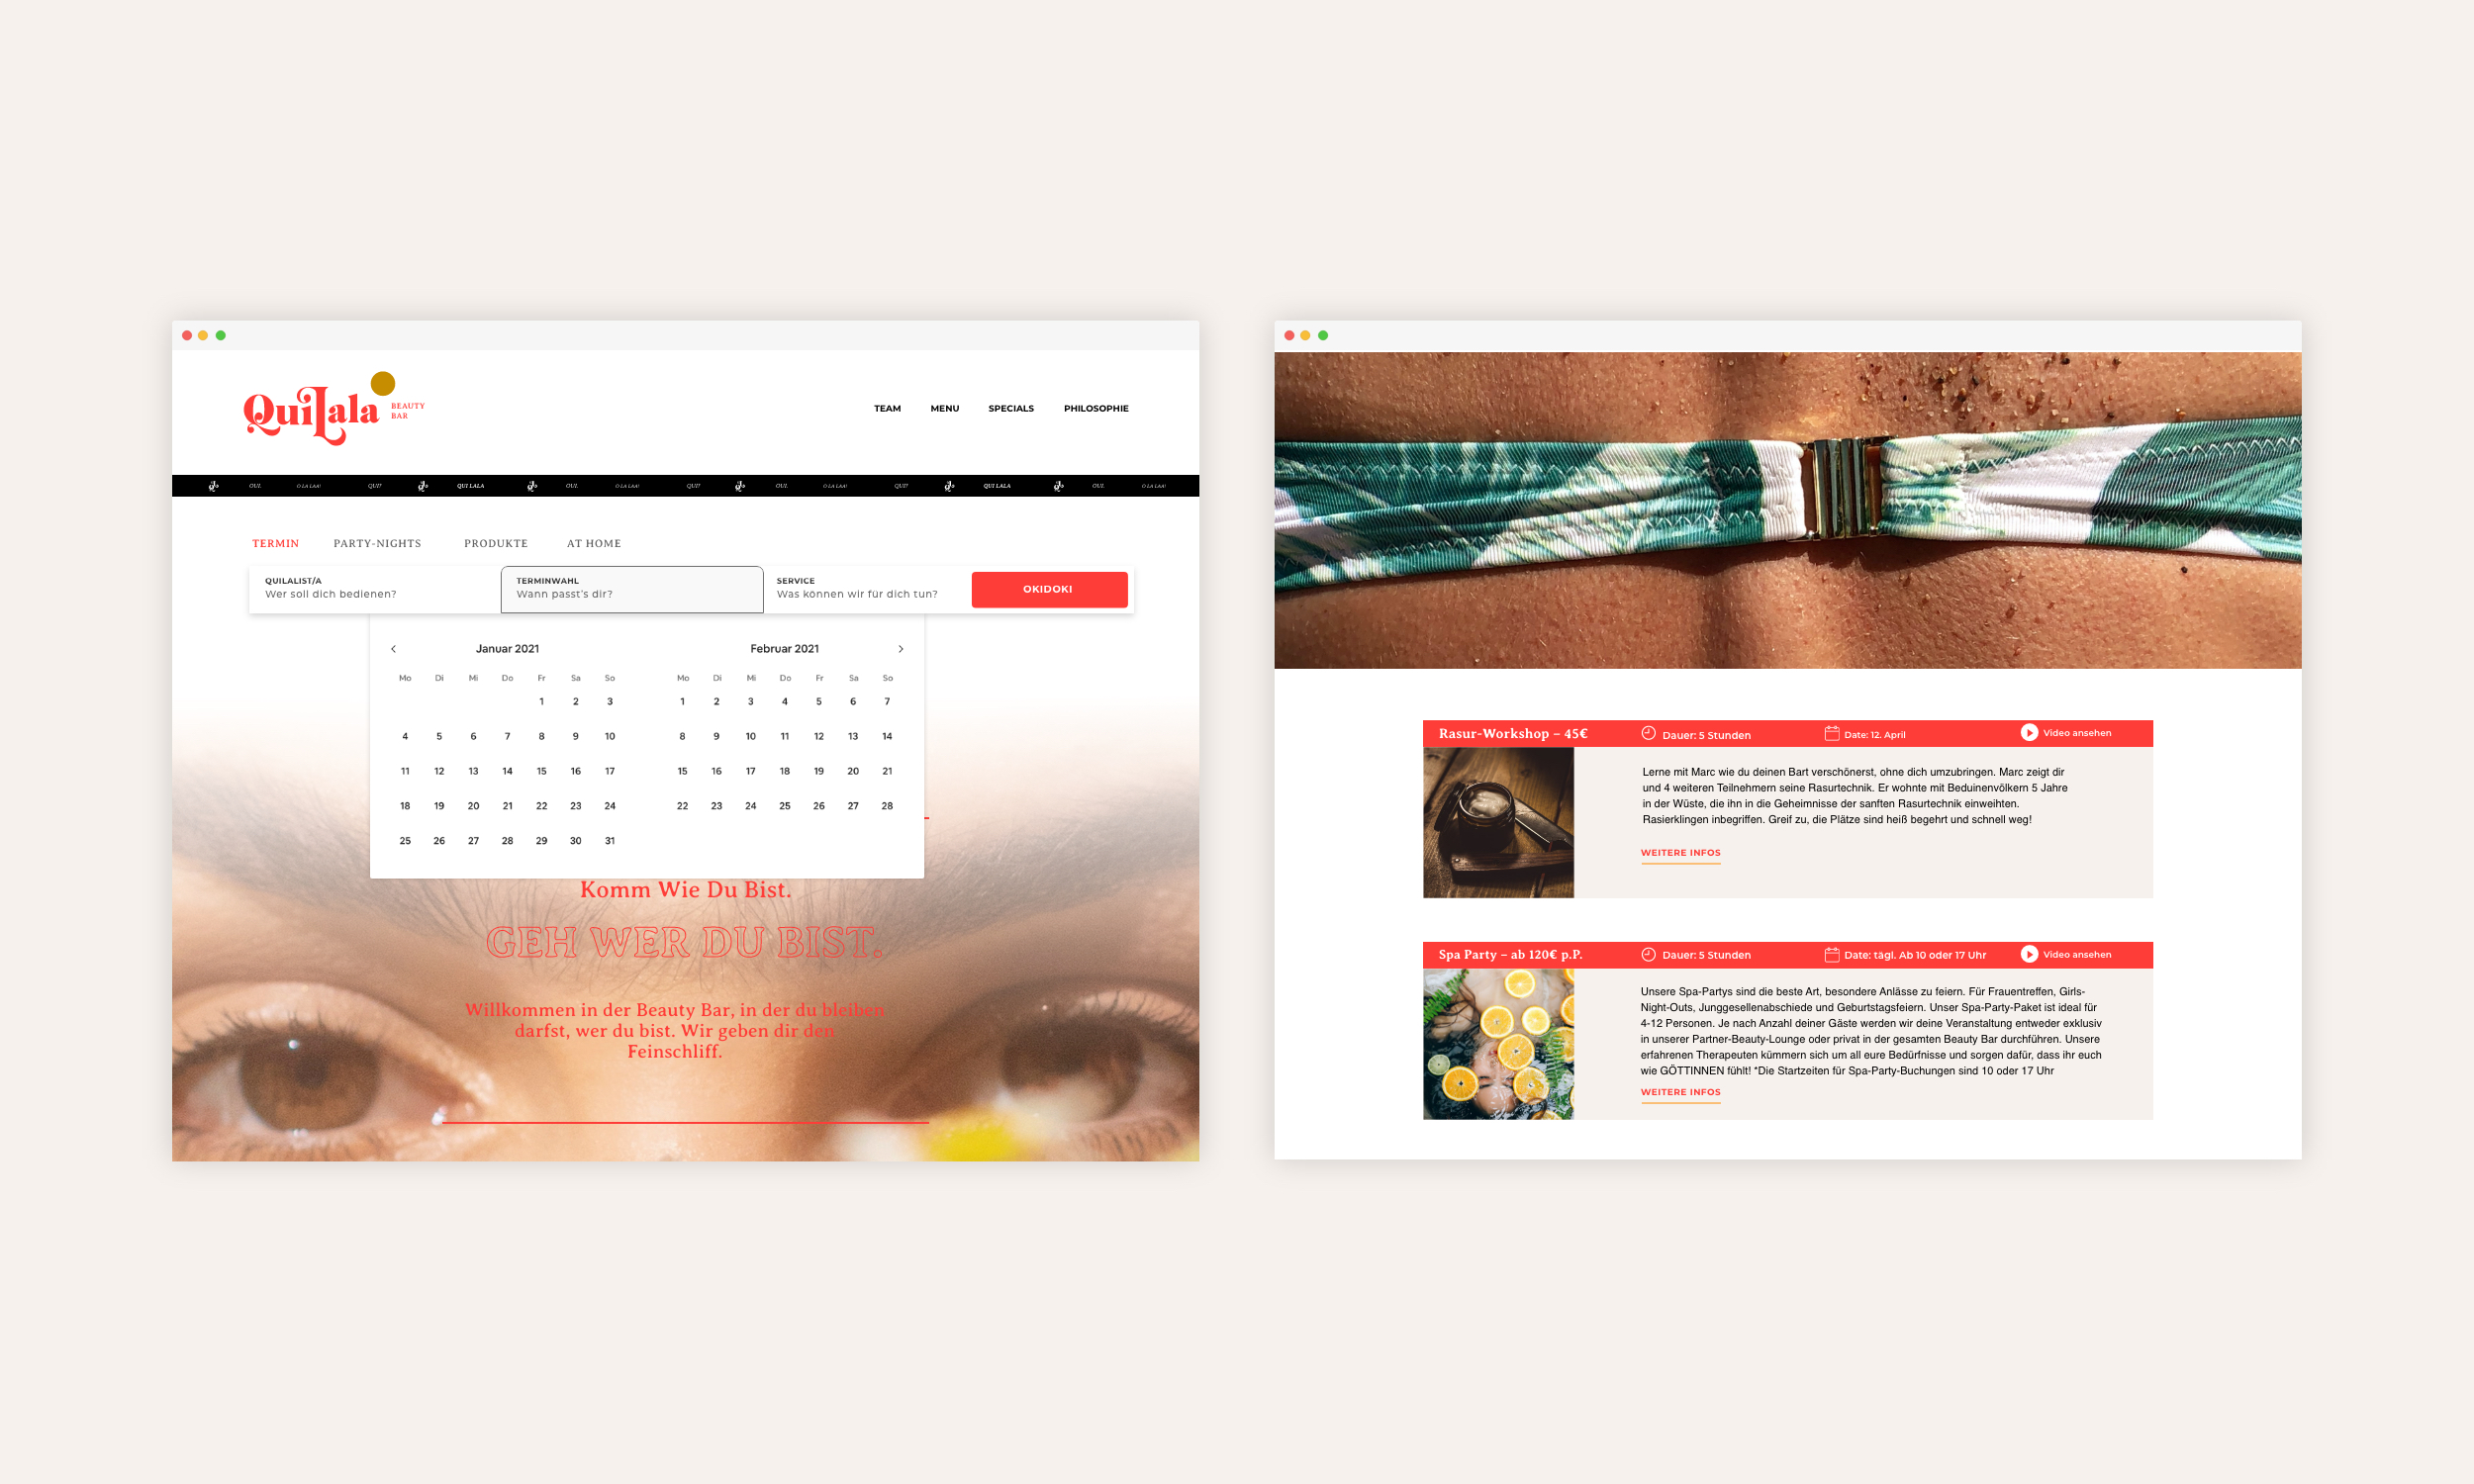 Website: Im Fokus liegt der Kalender. Hier lassen sich bequem Termine und Lieblingsbehandlungen buchen